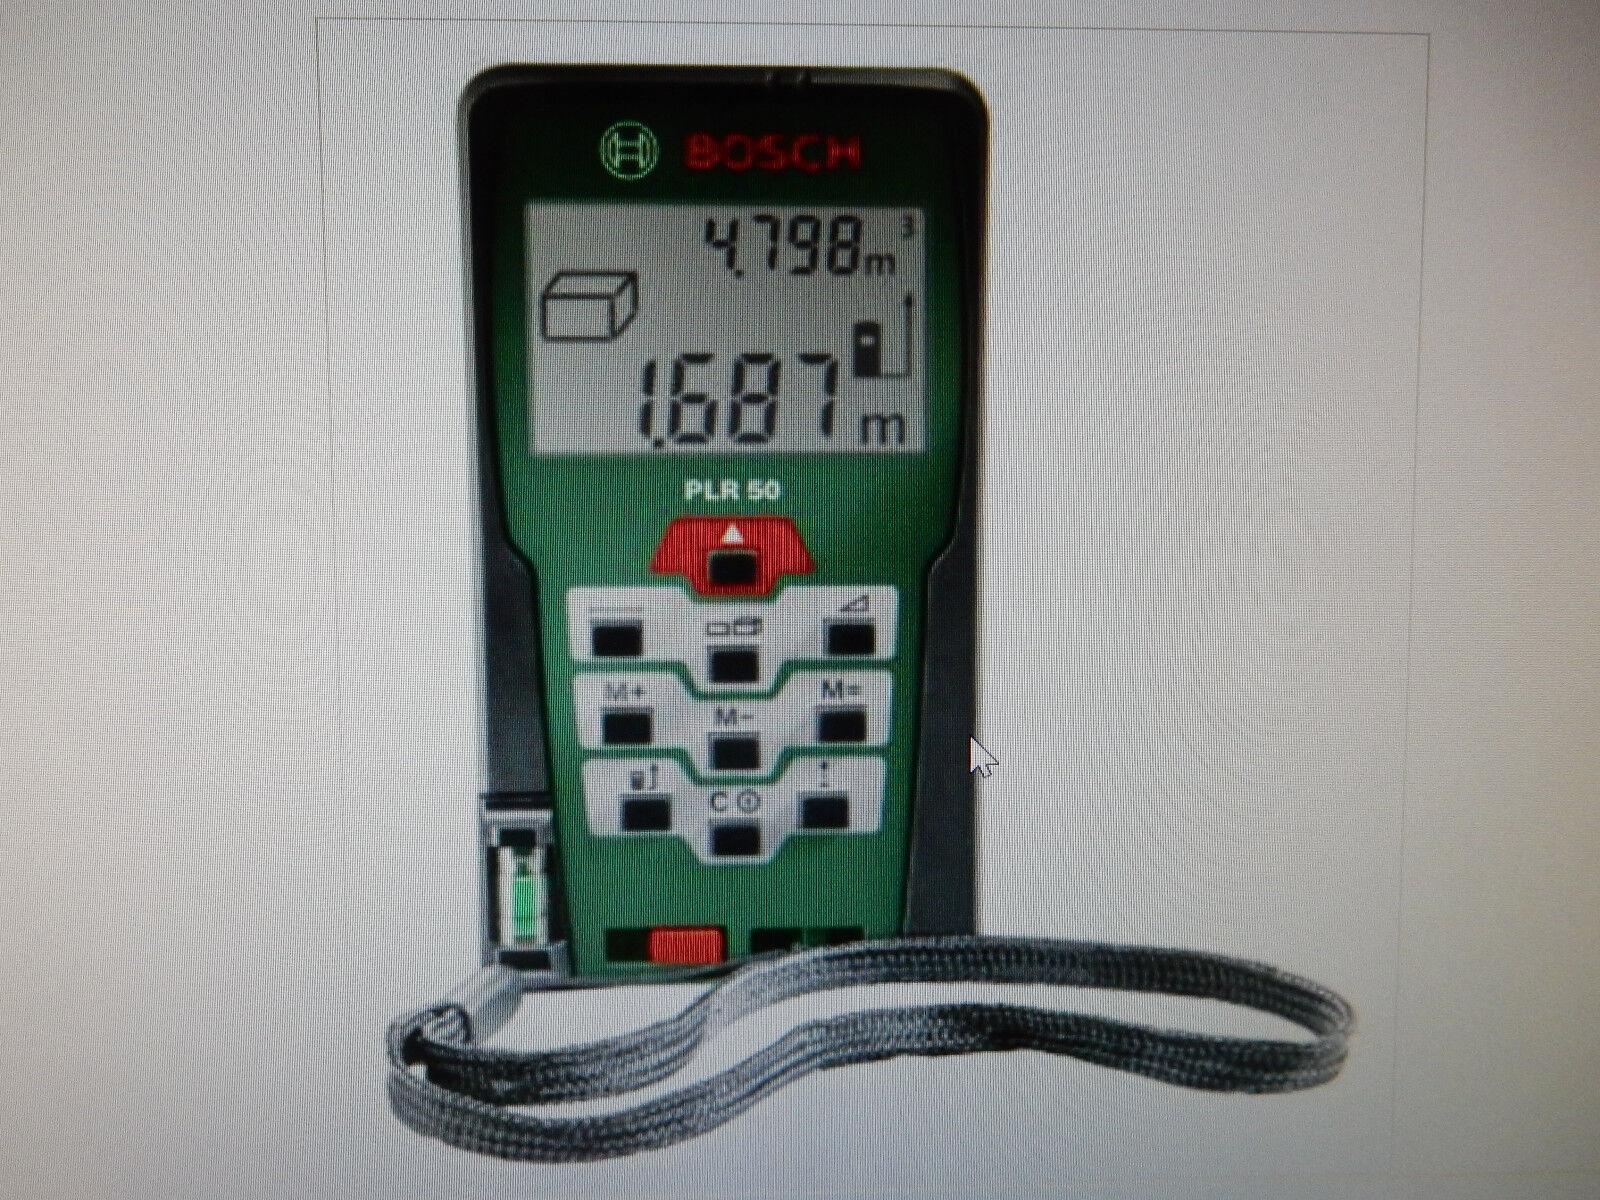 Bosch laser entfernungsmesser mit kamera glm 120 c